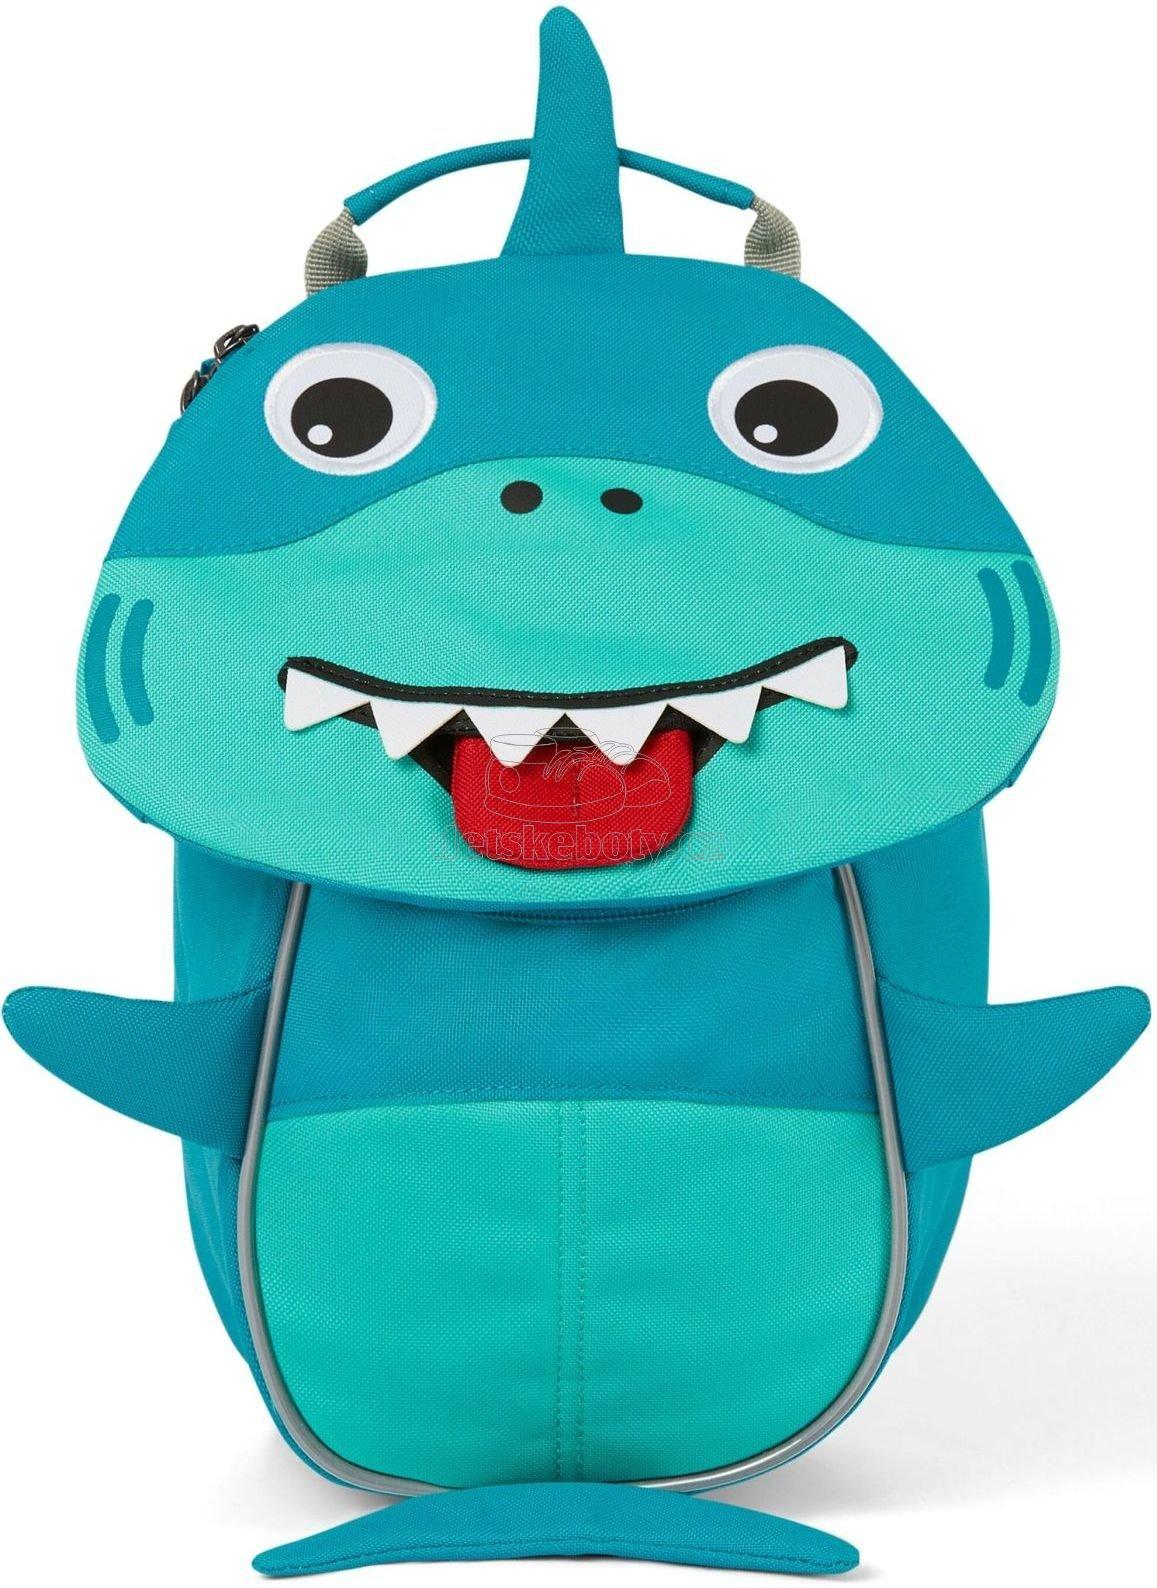 Hátizsák a legkisebbeknek Affenzahn Small Friend Shark - turquoise